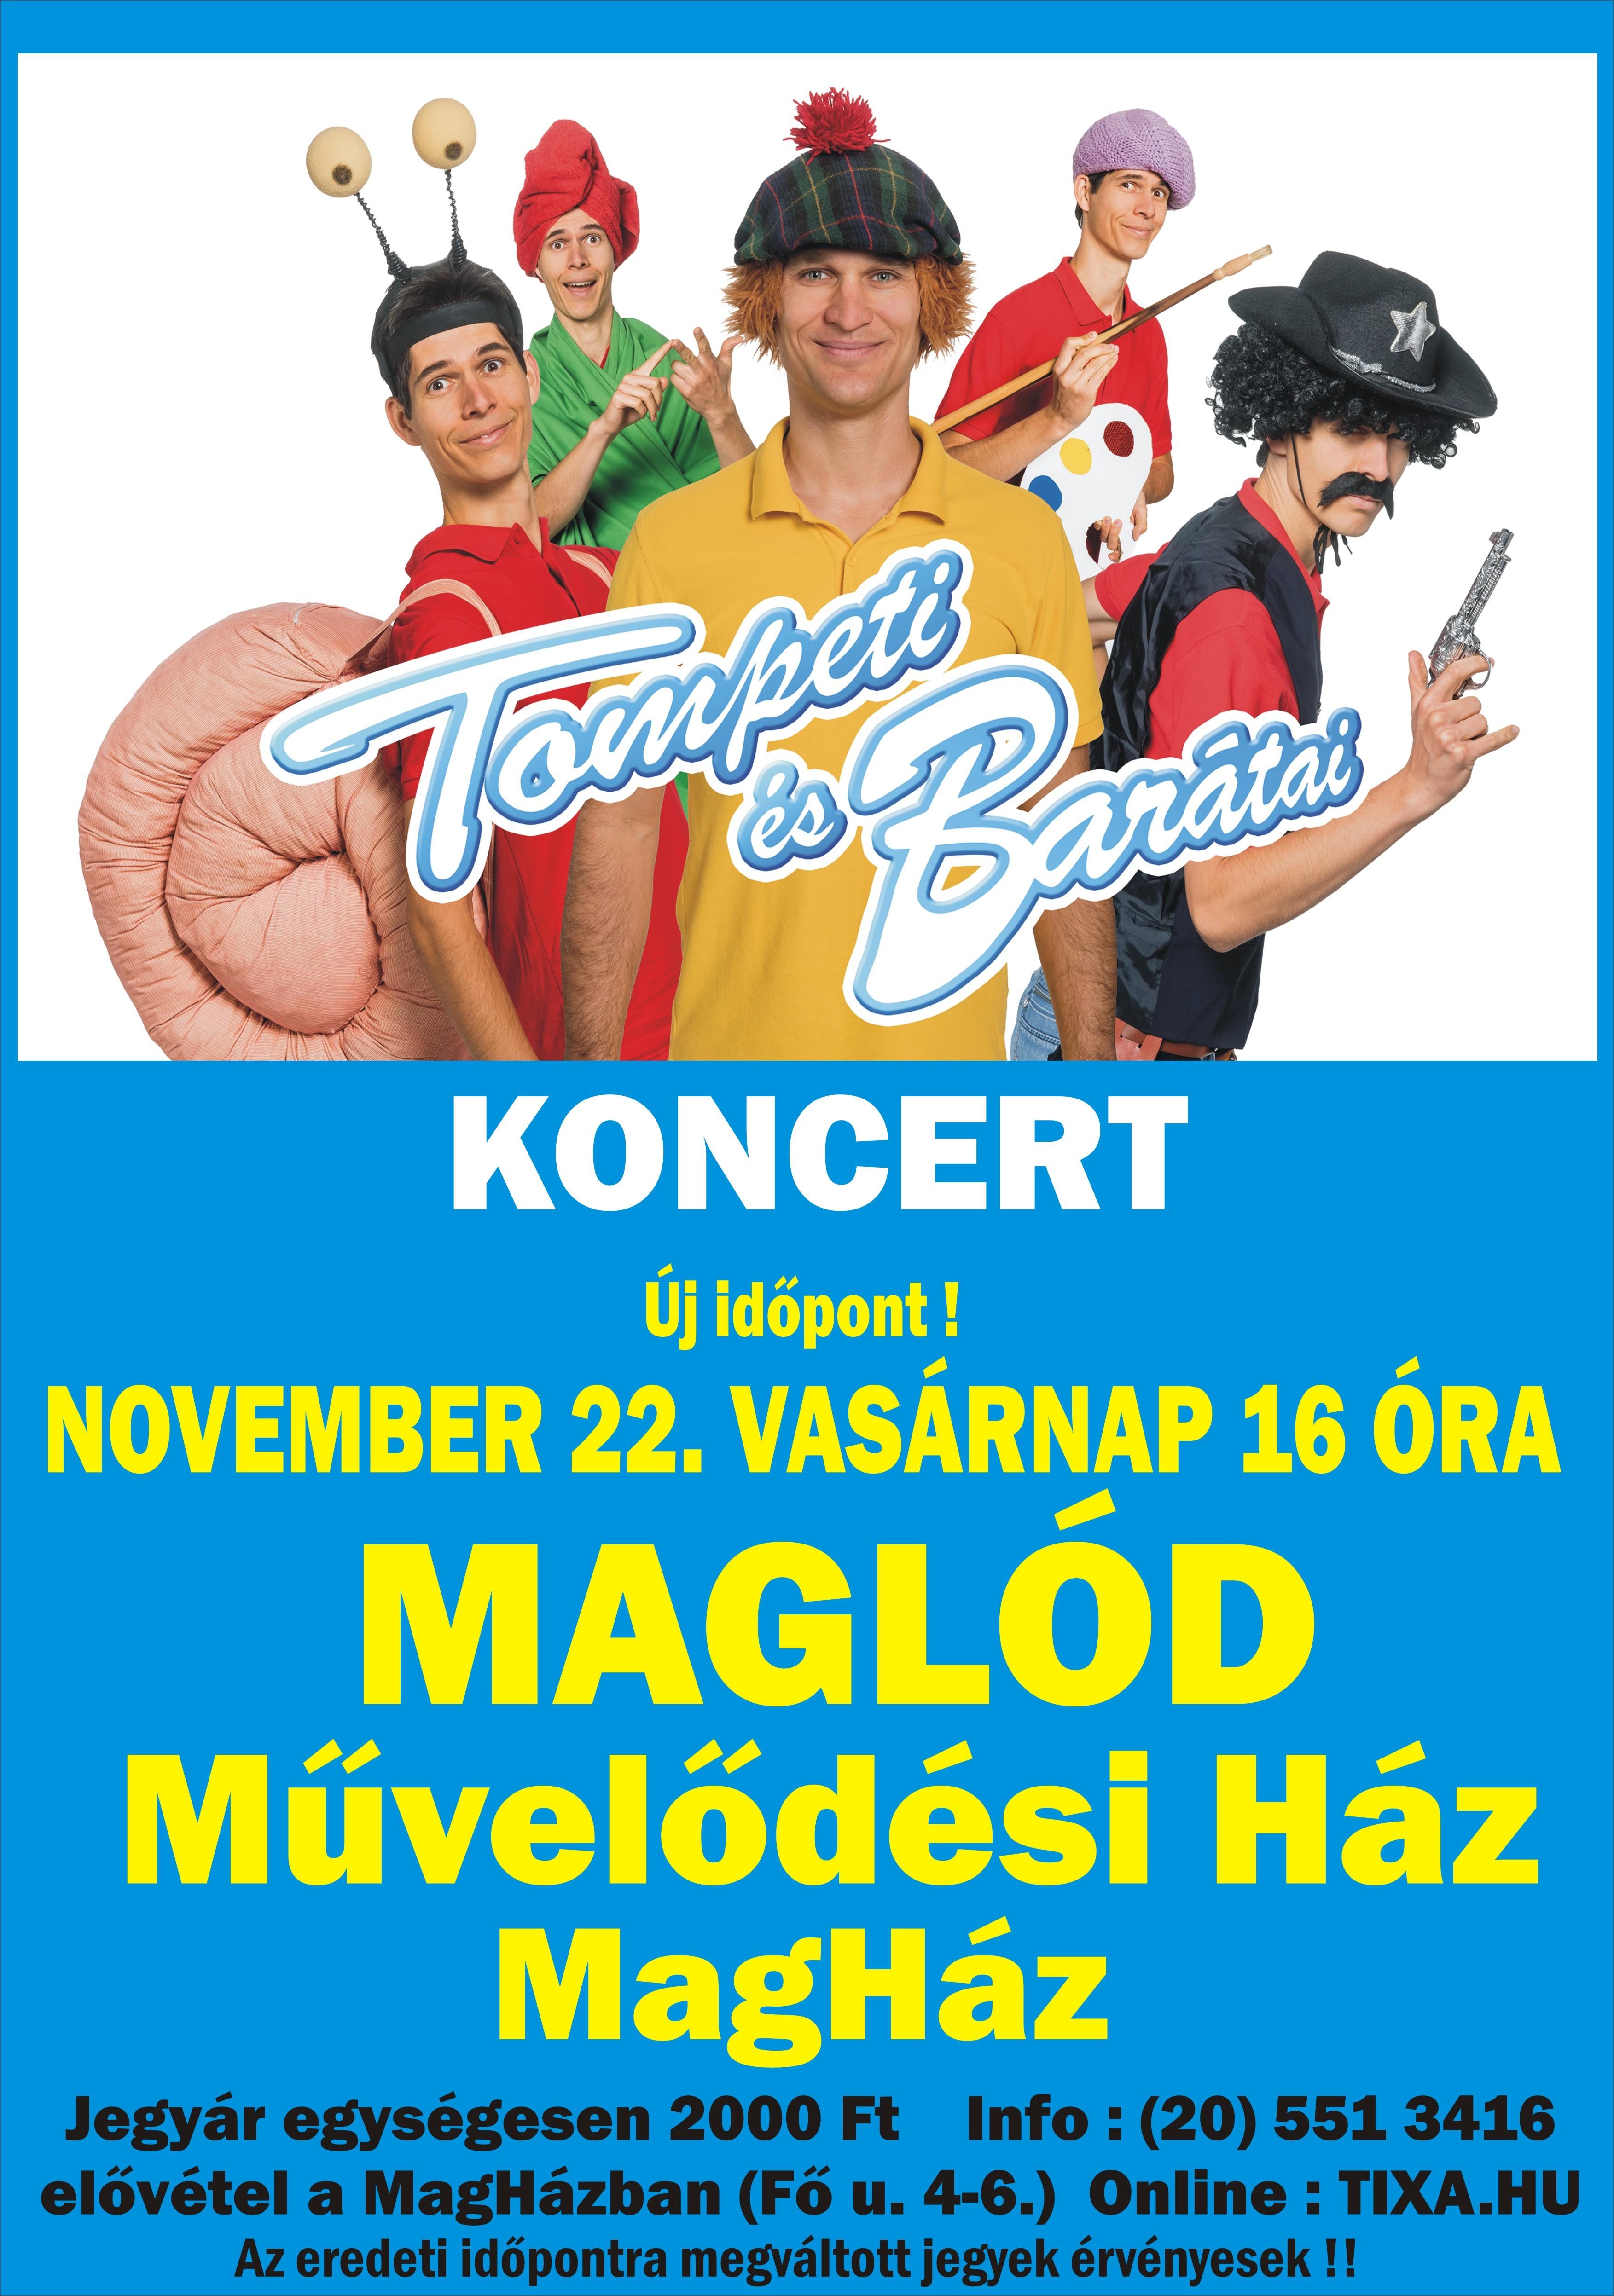 2020.11.22. Tompeti és barátai koncert - ÚJ IDŐPONT!